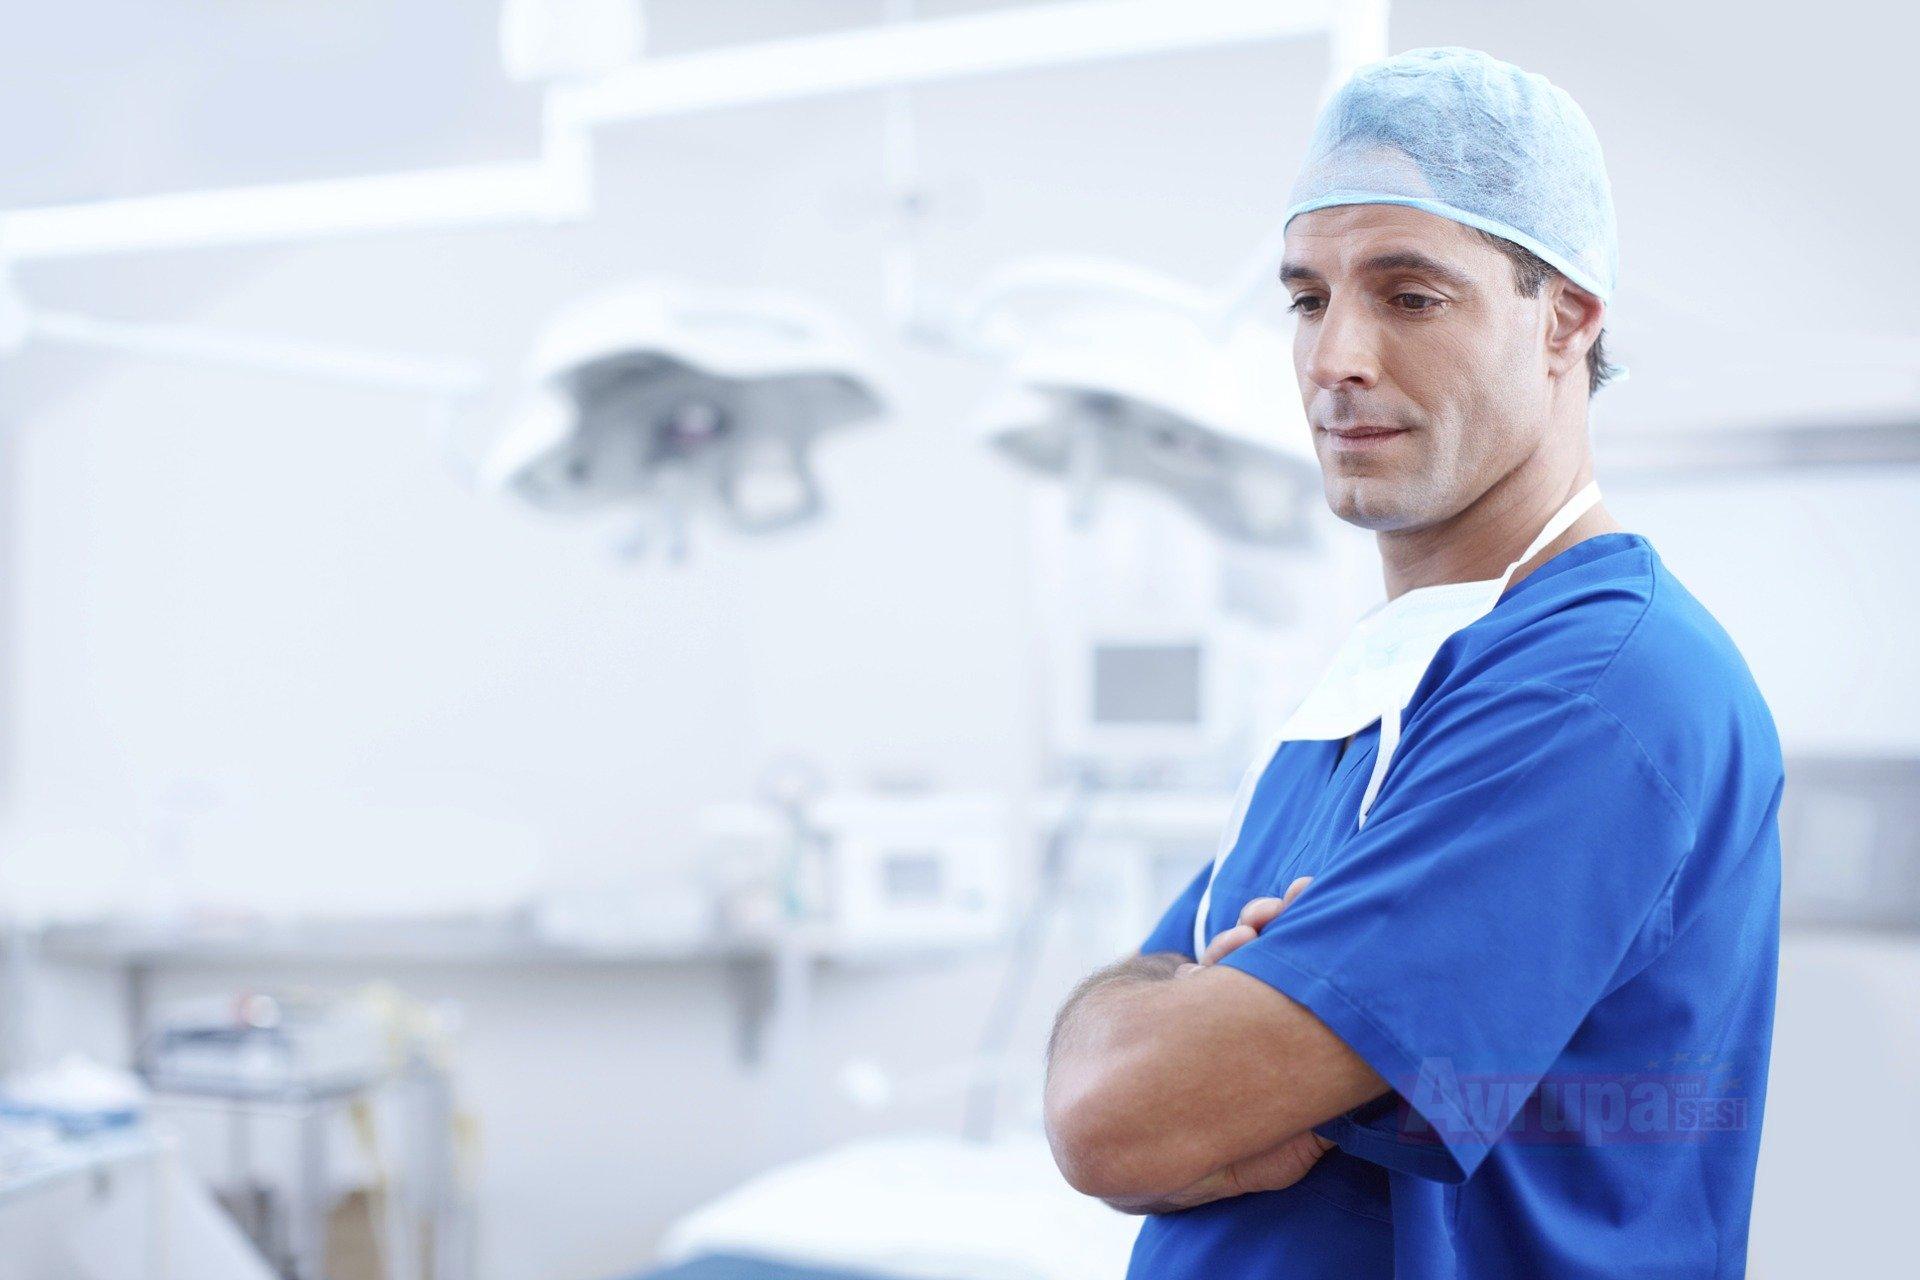 Almanya'da sağlık sisteminde randevu sorunu